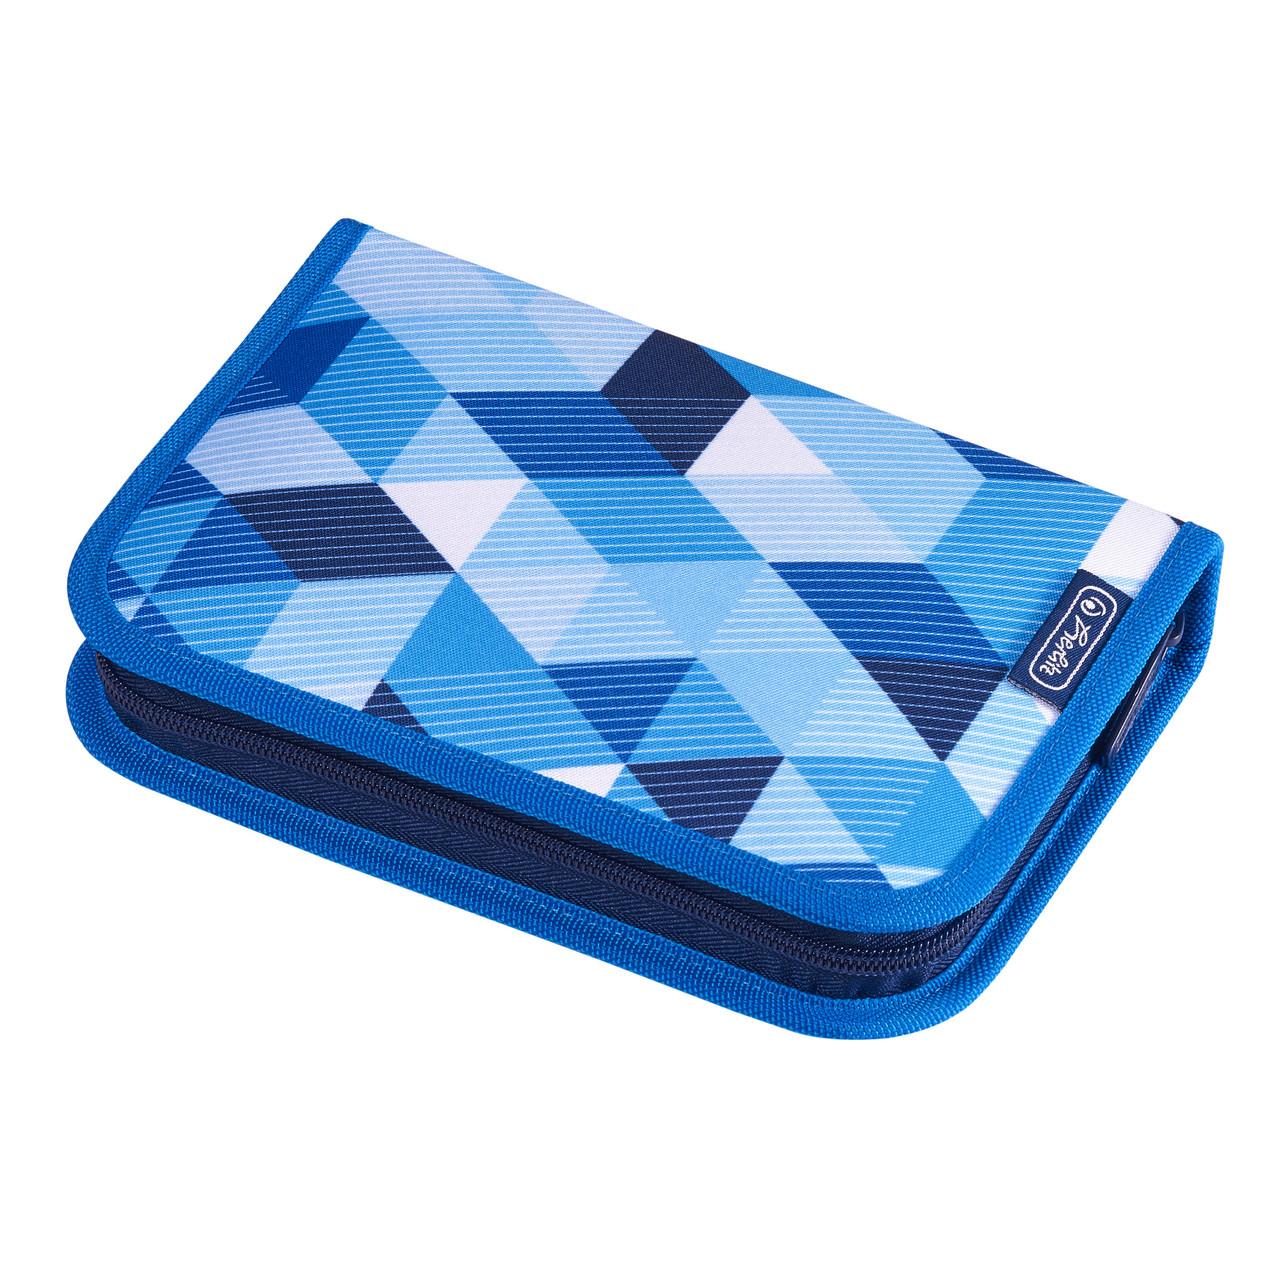 Пенал с наполнением 31 предмет Herlitz Cubes Blue Кубики голубые (50021031)